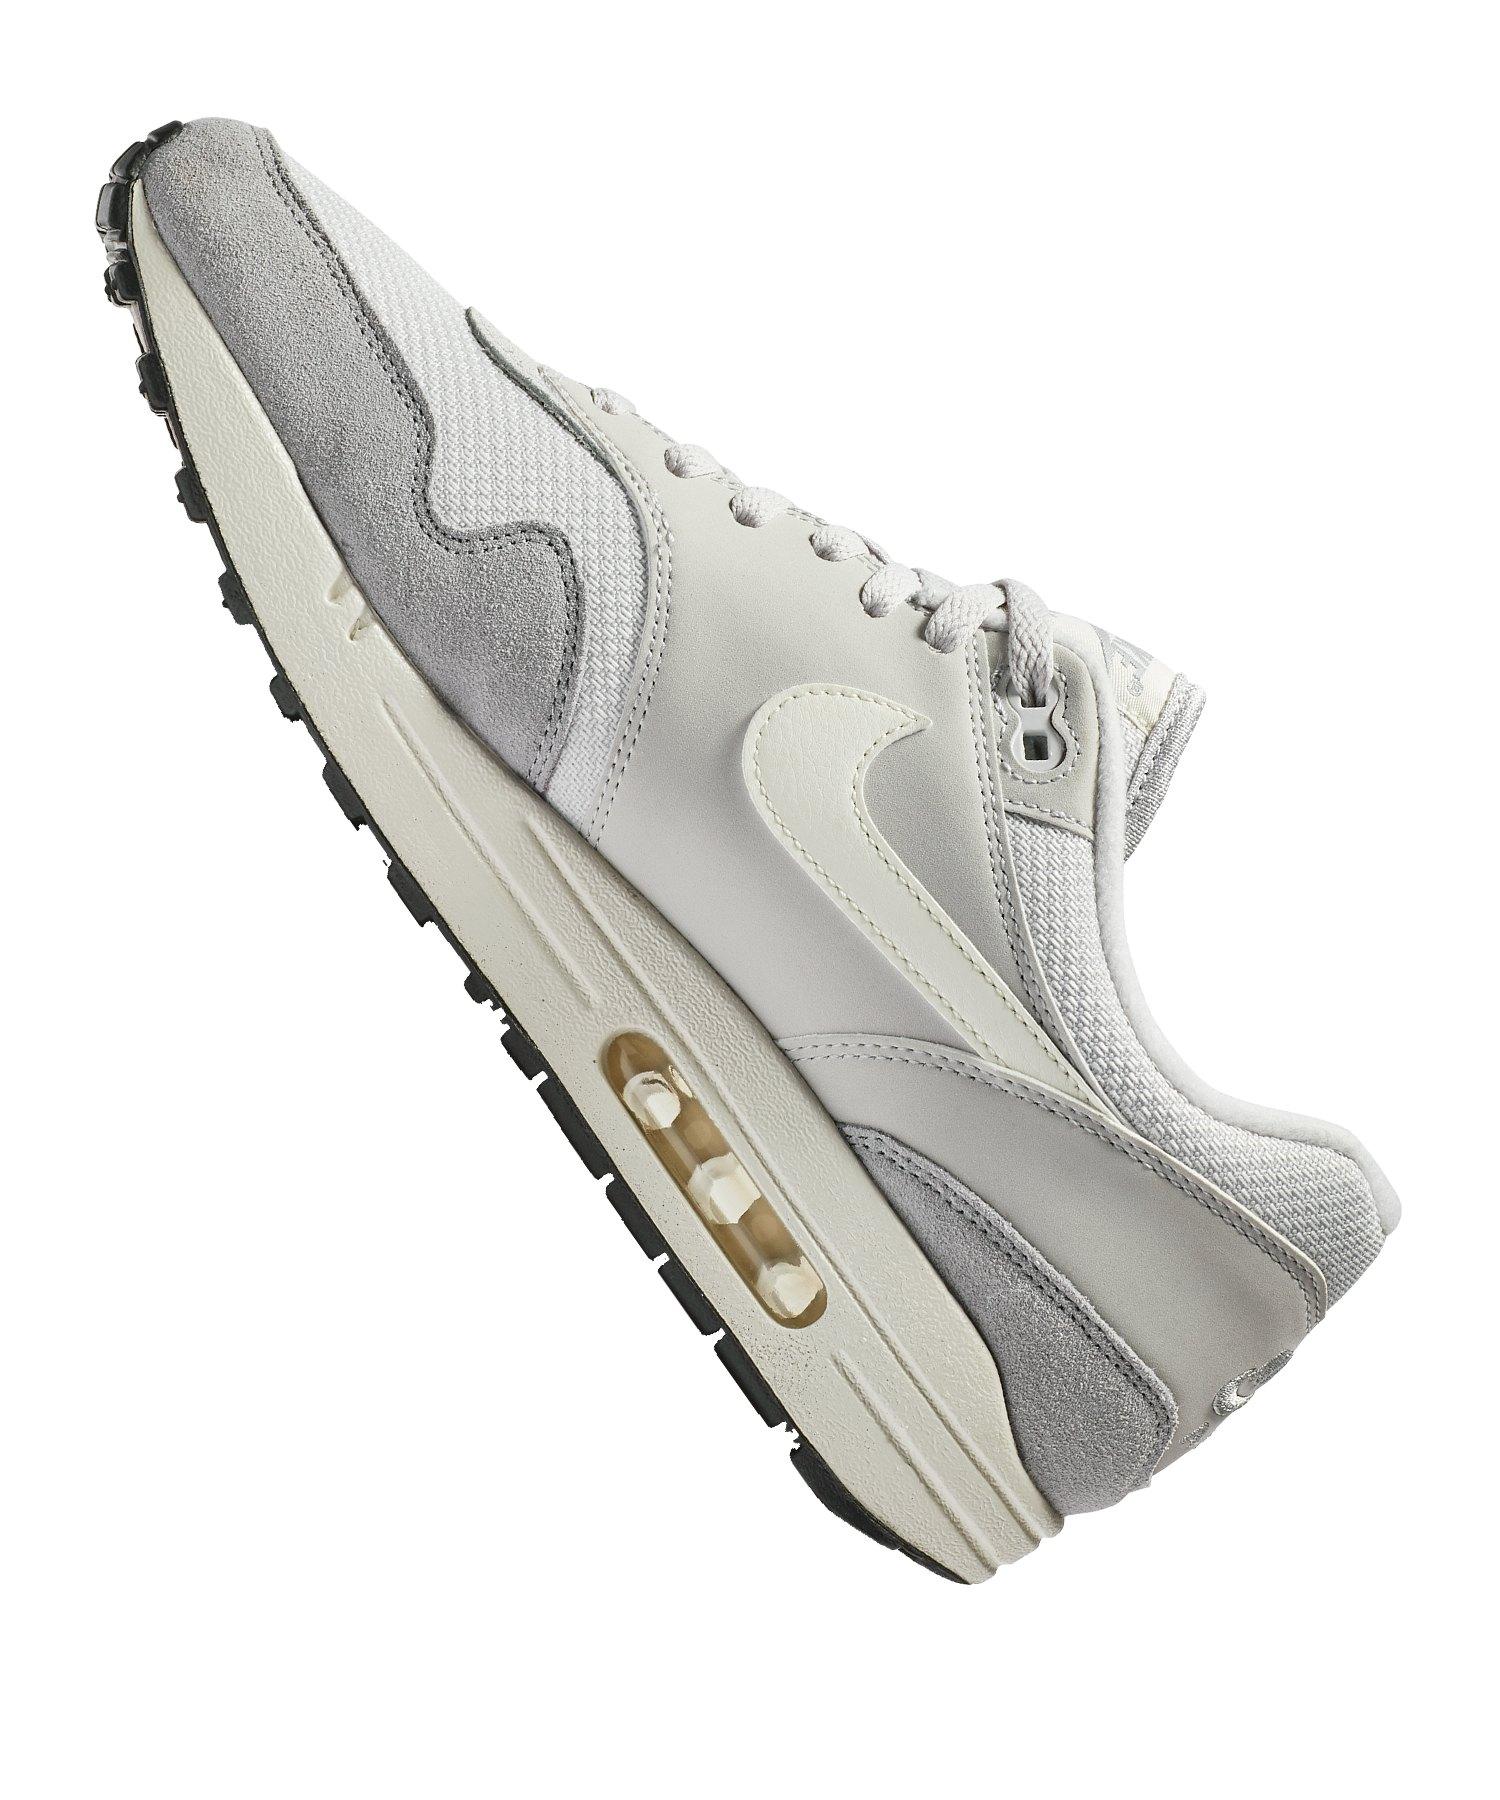 detailed pictures 650d4 3f75e ... Nike Air Max 1 Sneaker Grau F011 - grau ...